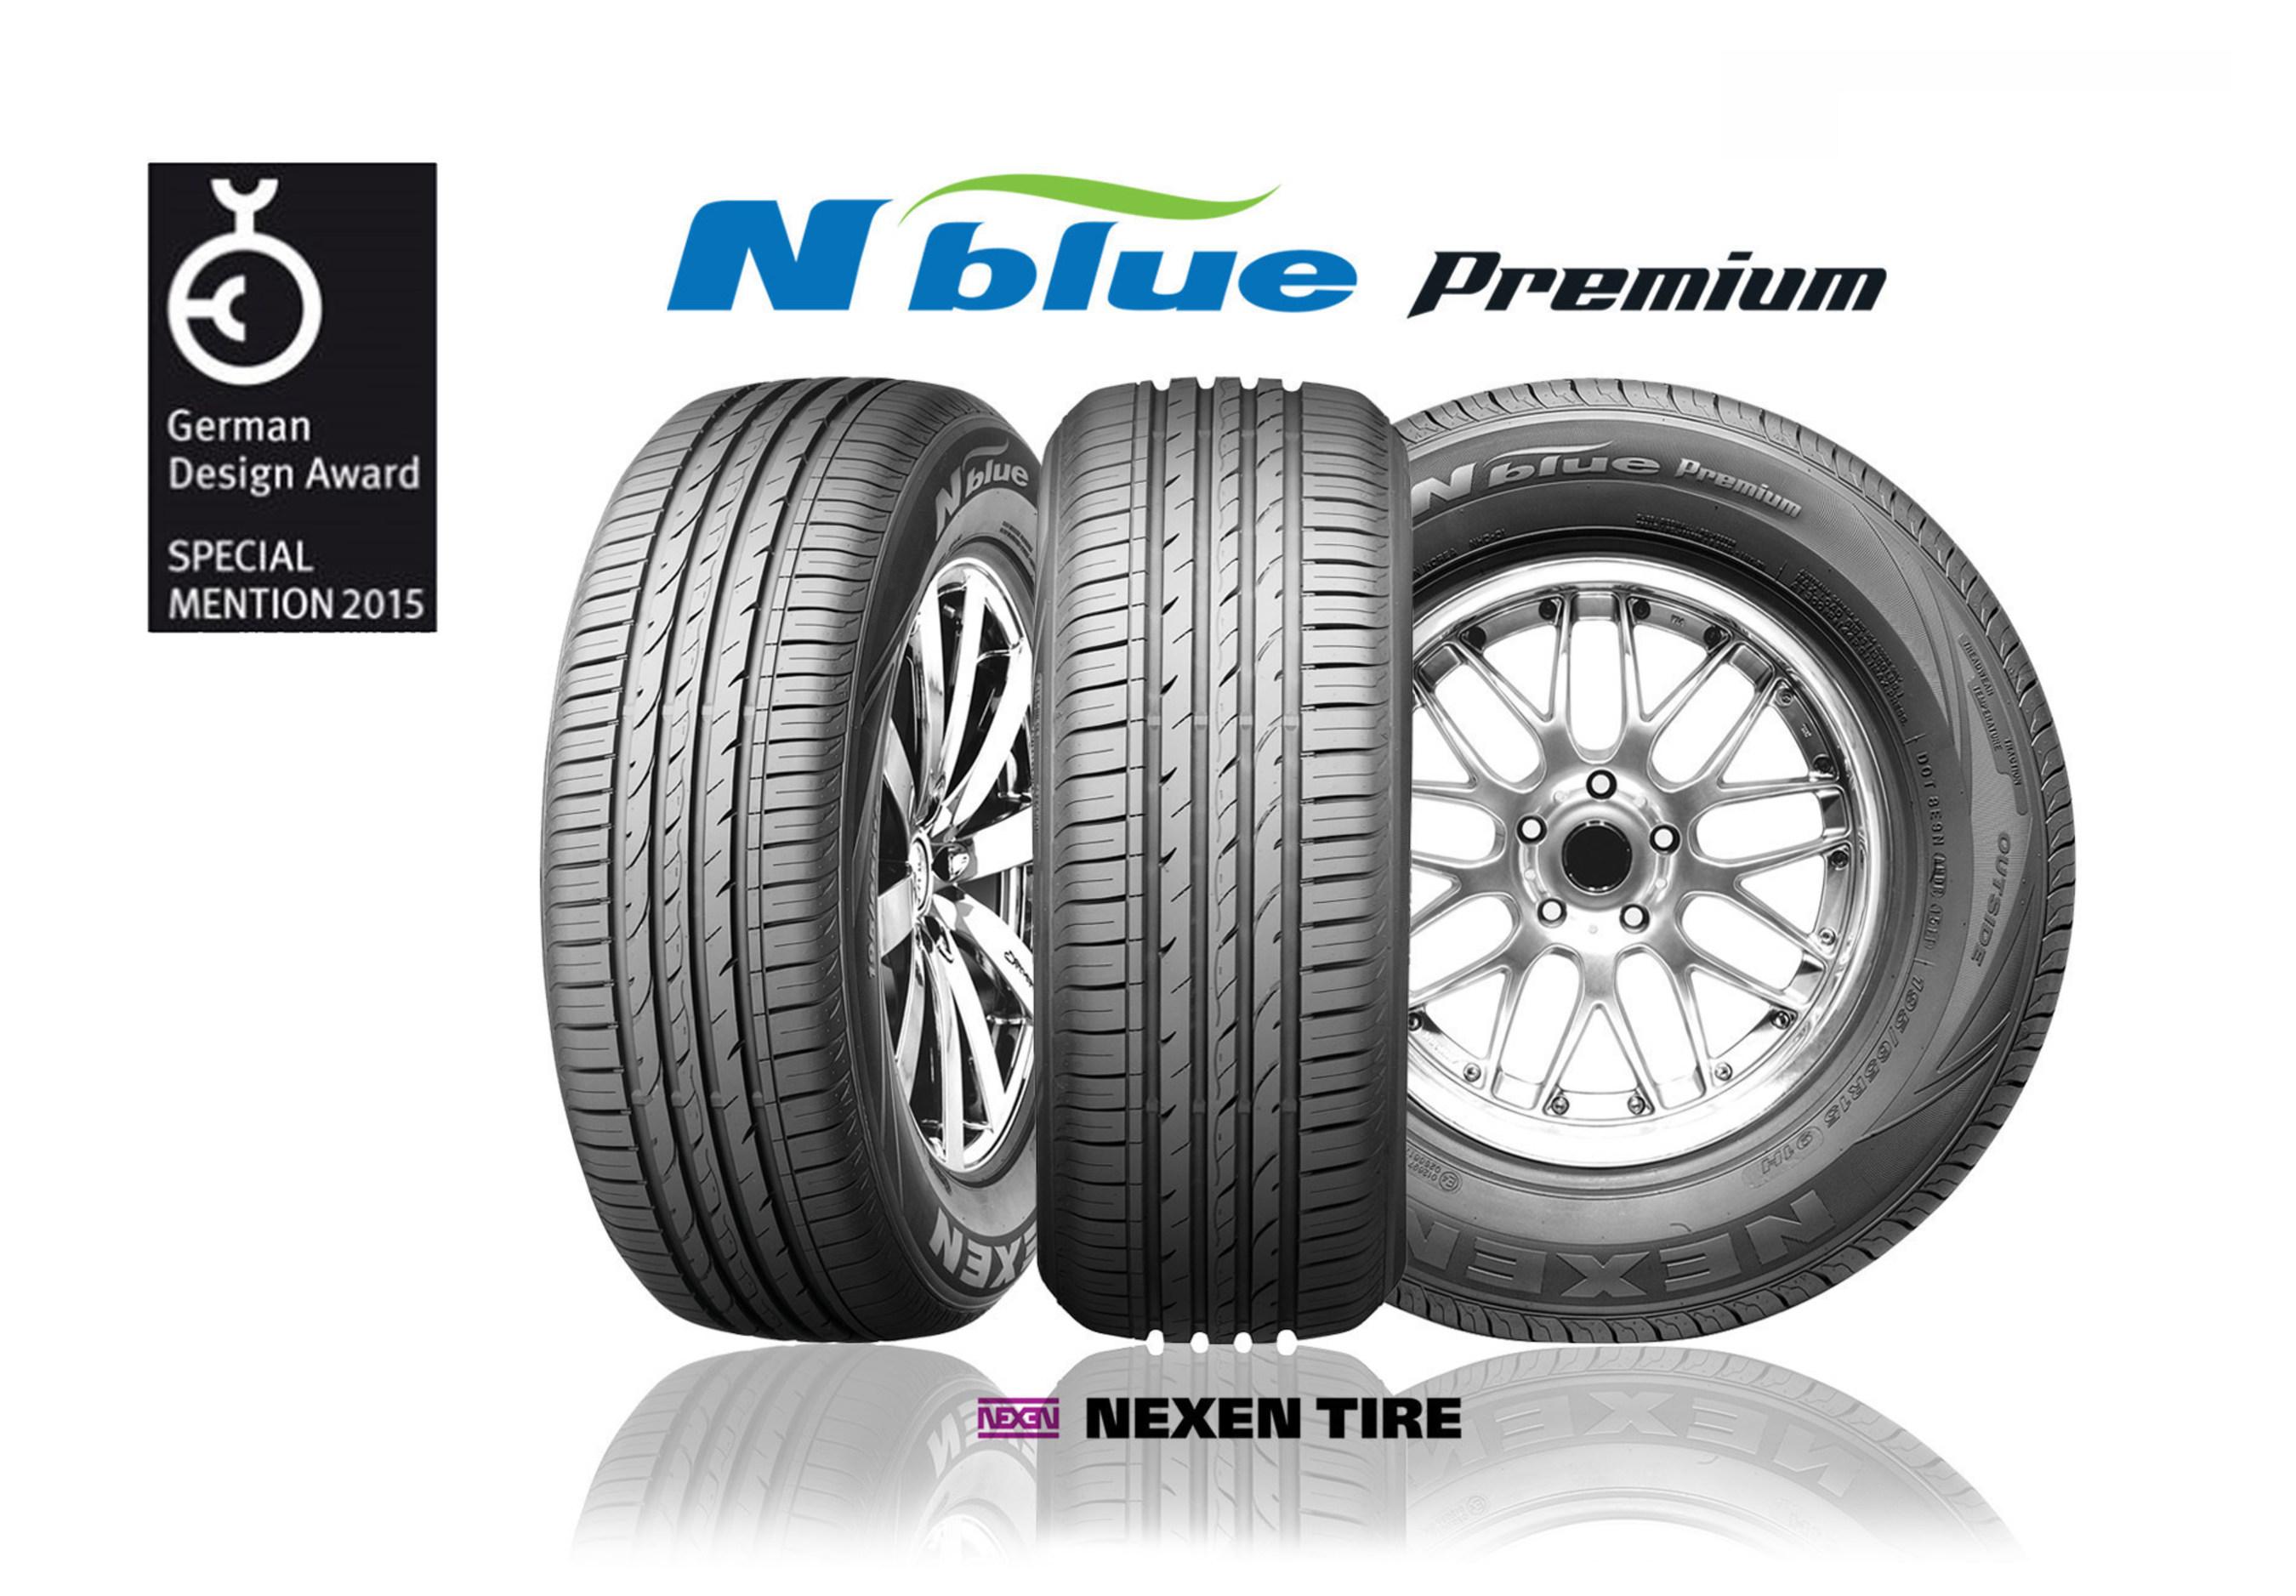 Nexen Tire liefert OE-Reifen für Renault und Daimlers Smart